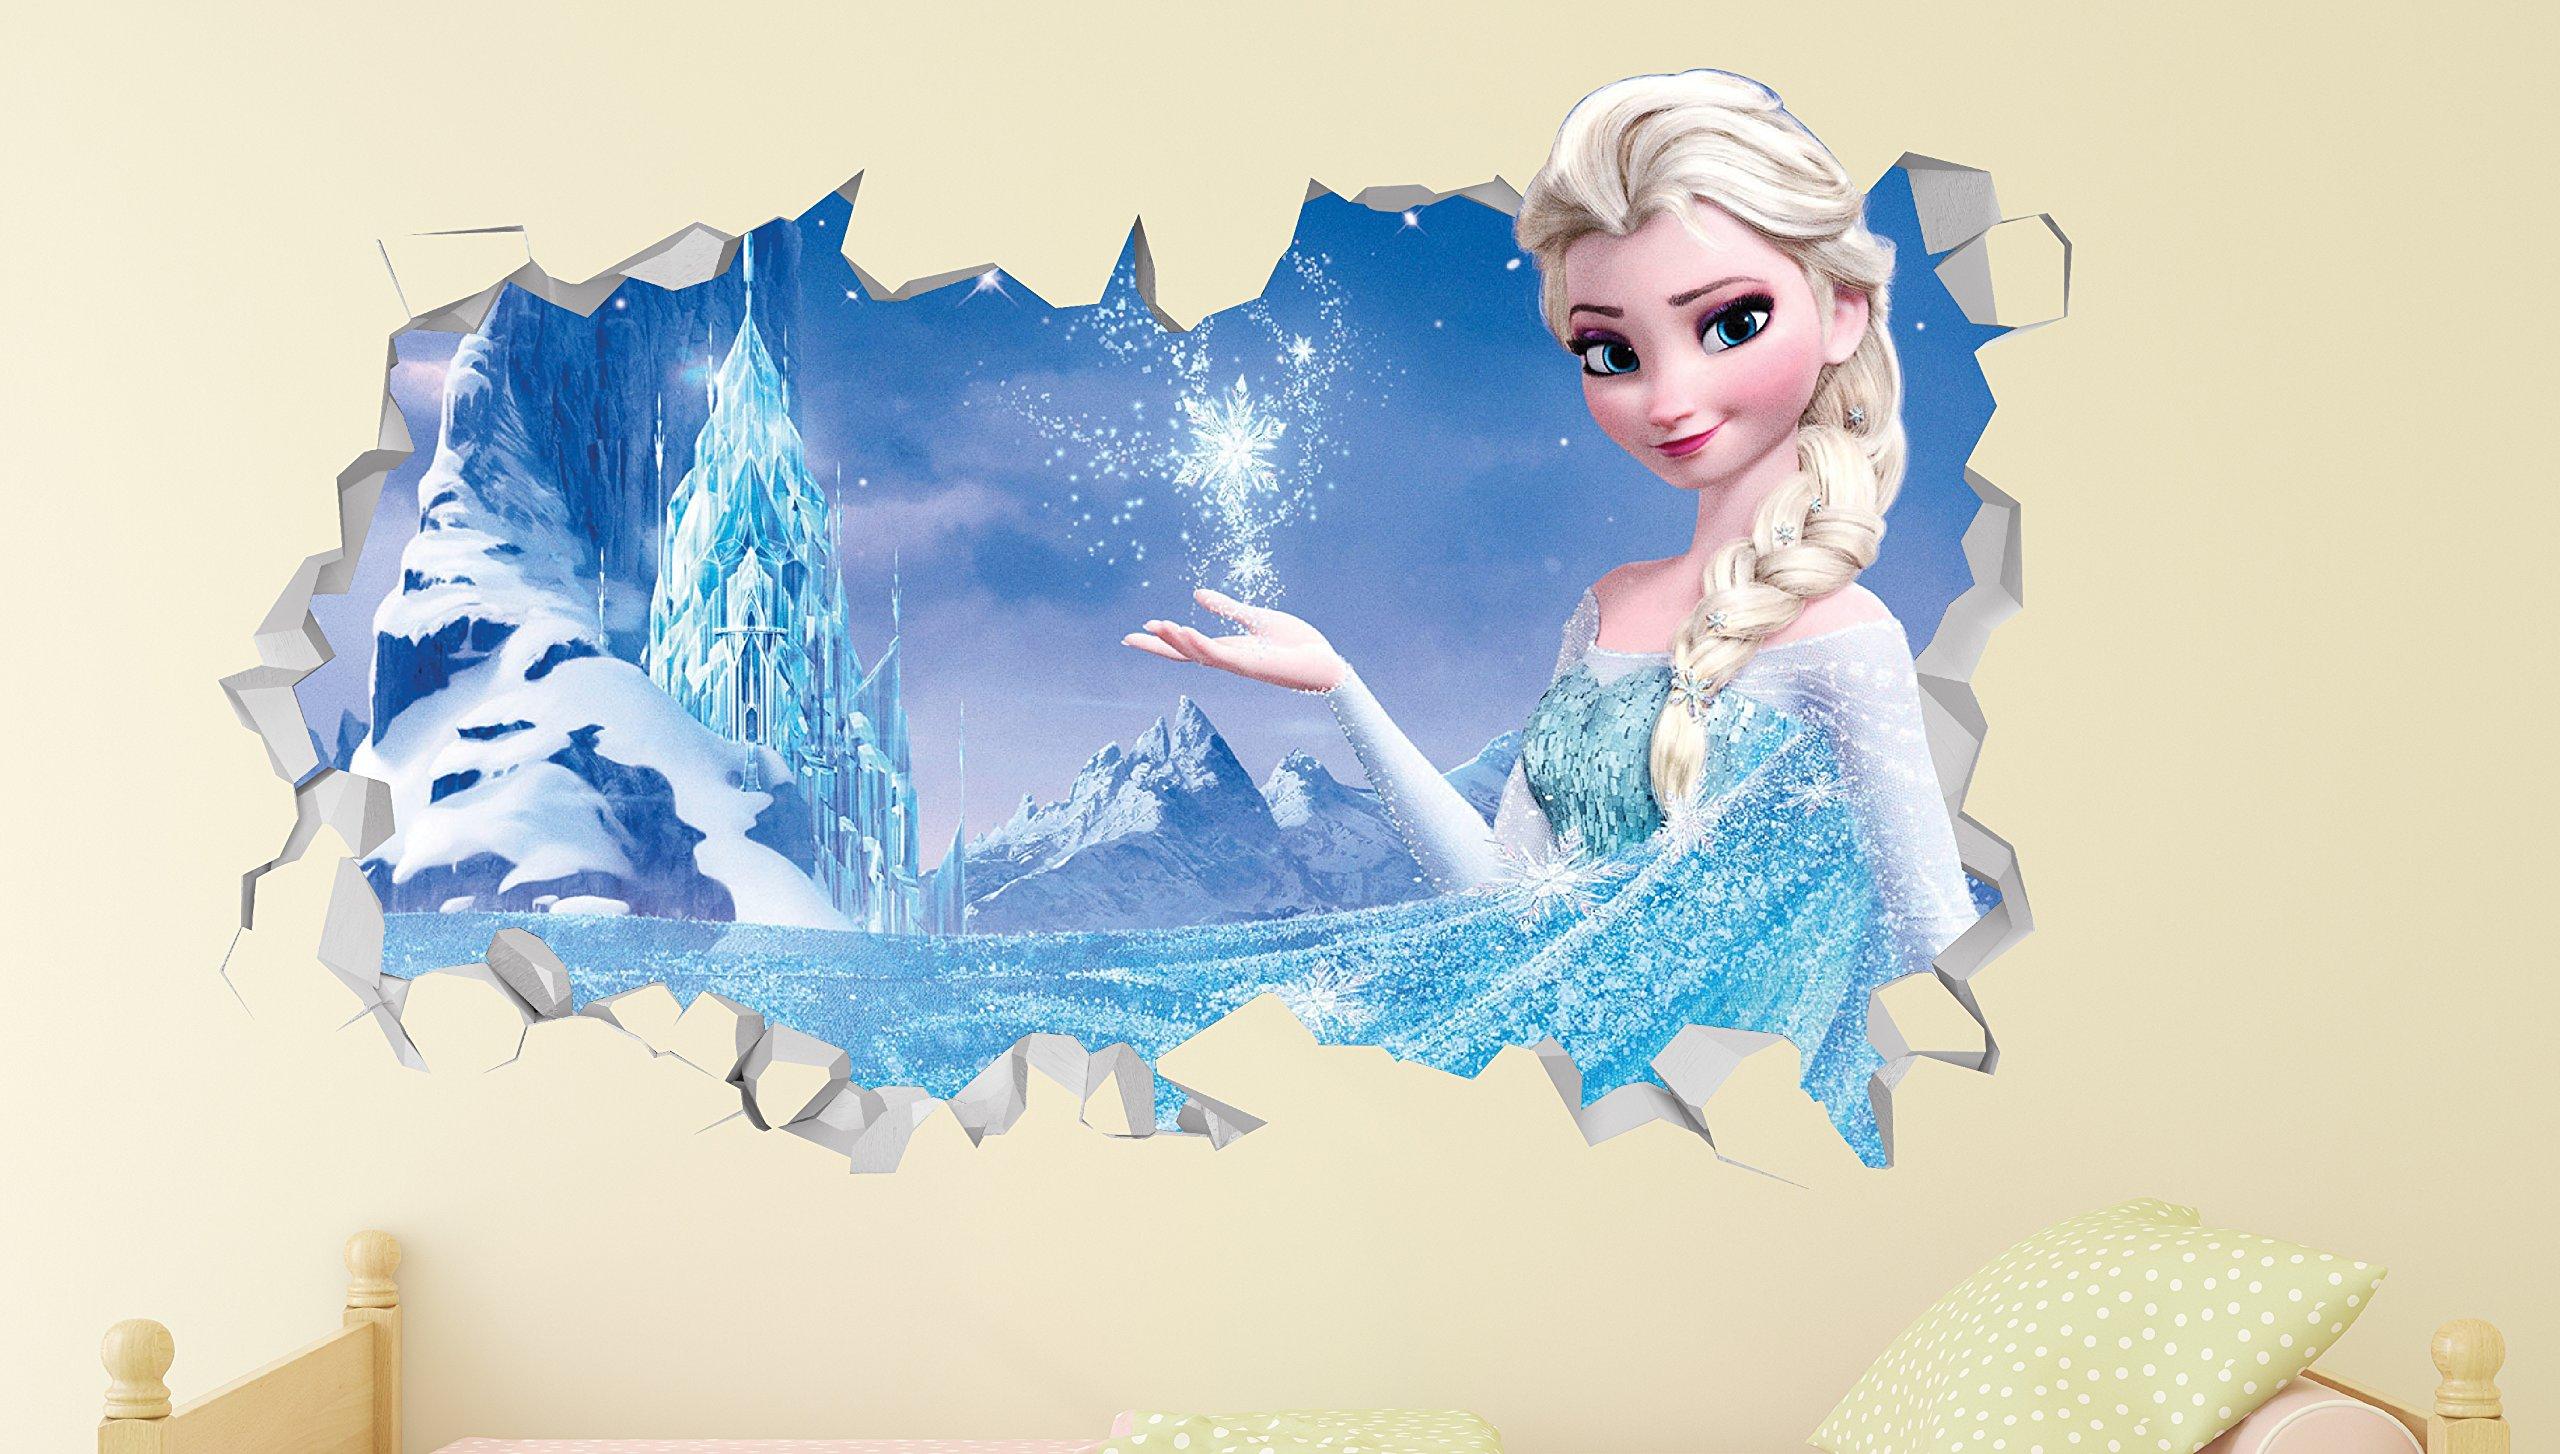 Frozen Elsa Power Wall Decal Smashed 3D Sticker Vinyl Decor Mural Movie Kids - Broken Wall - 3D Designs - LS233 (Large (Wide 40'' x 24'' Height))